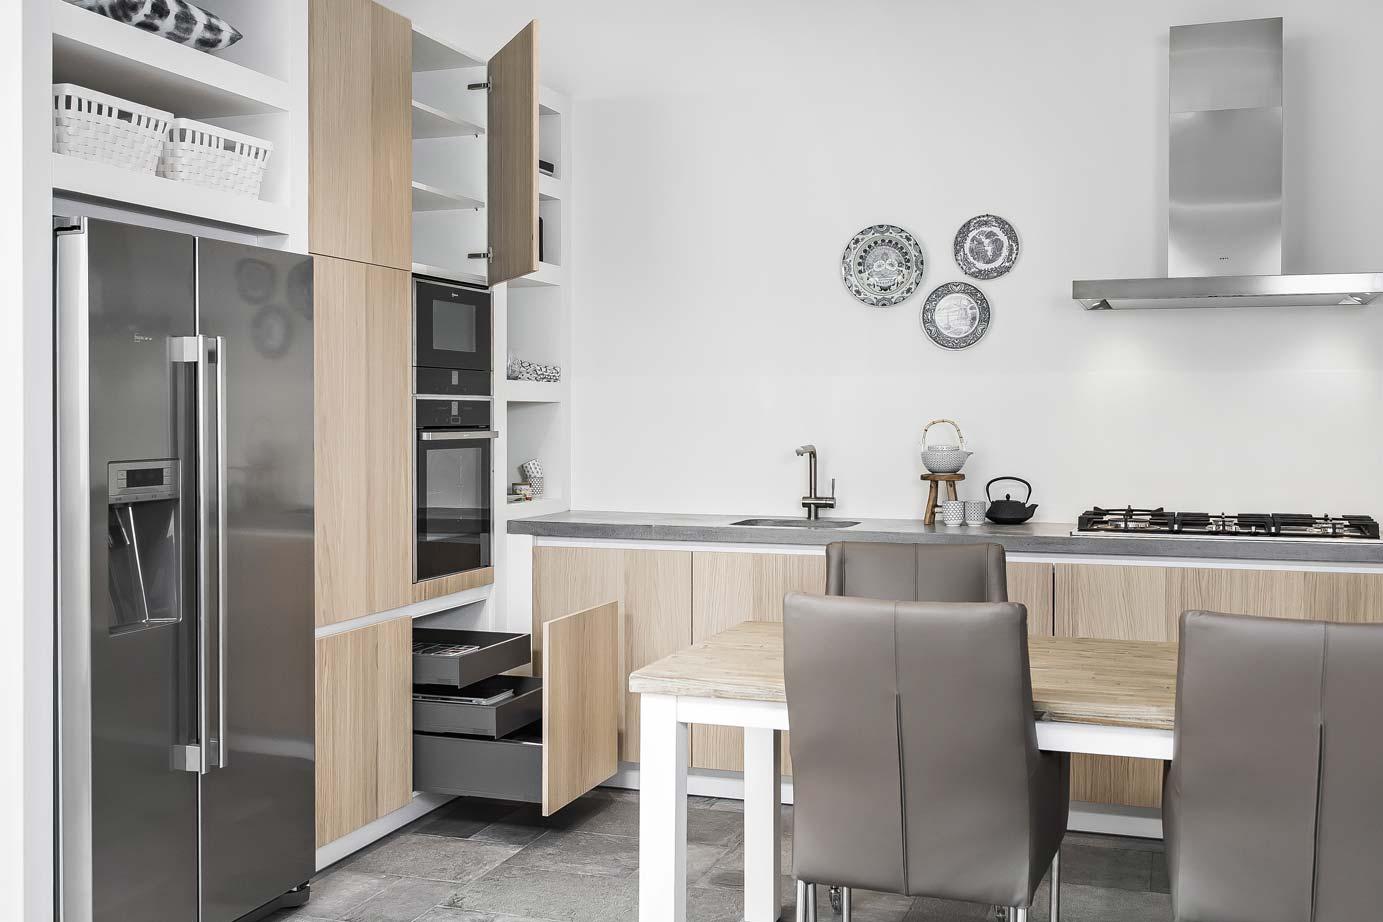 Hoek Keuken Modellen : Hoekkeuken ontdek de veelzijdige hoekkeuken ardi